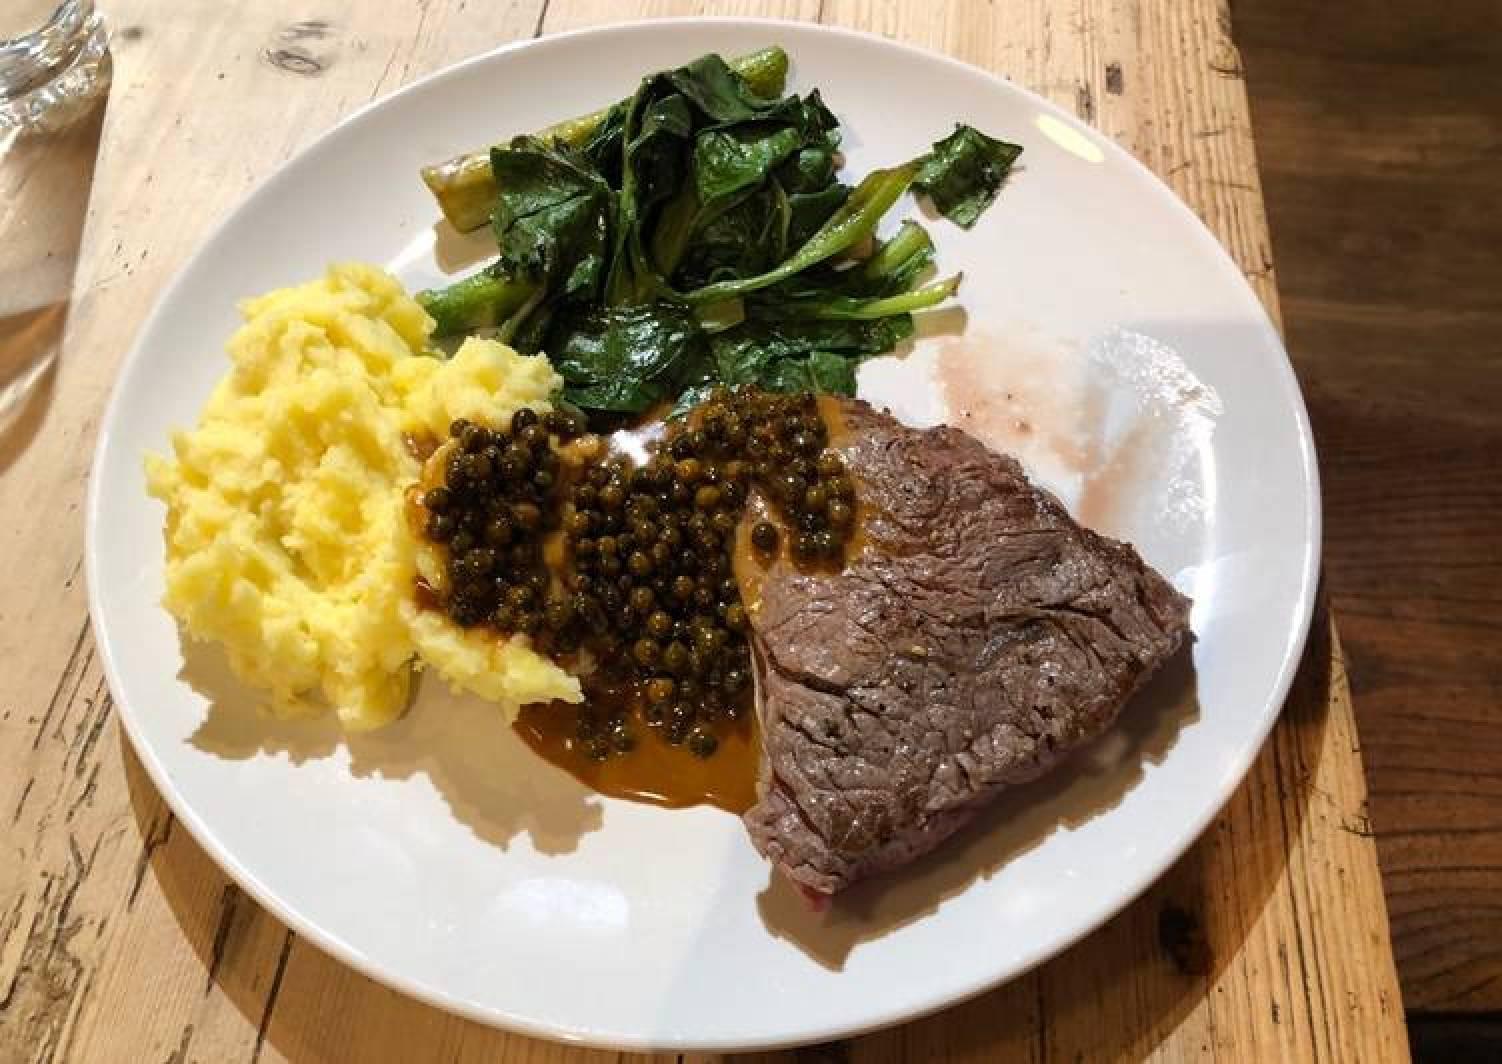 Bristol Steak, mash, spinach & asparagus